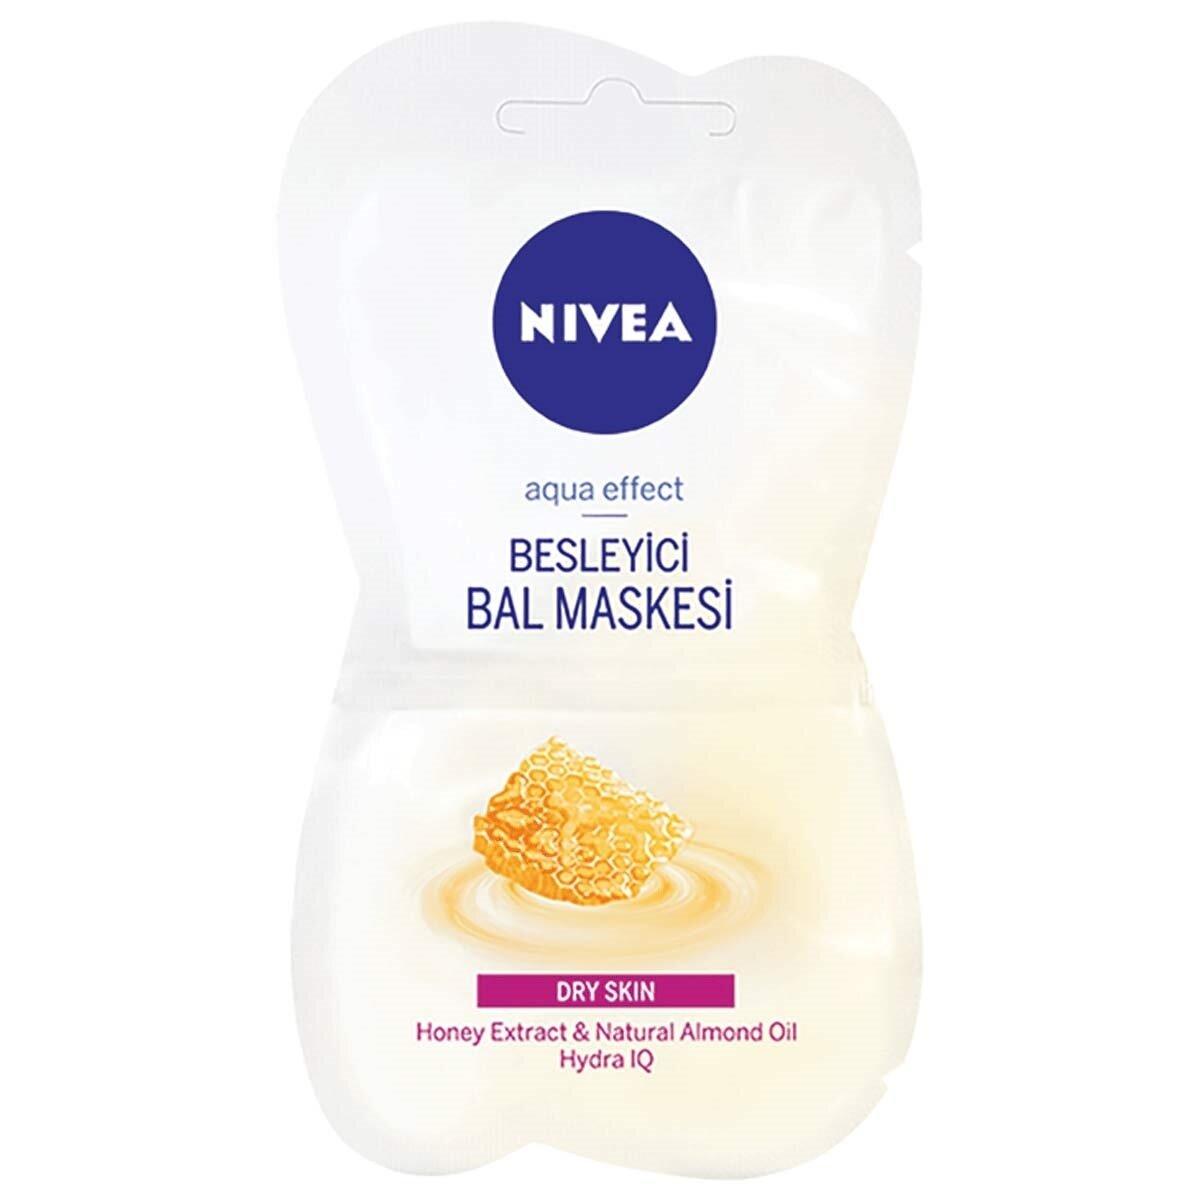 Visage Besleyici Bal Maskesi 15 ml